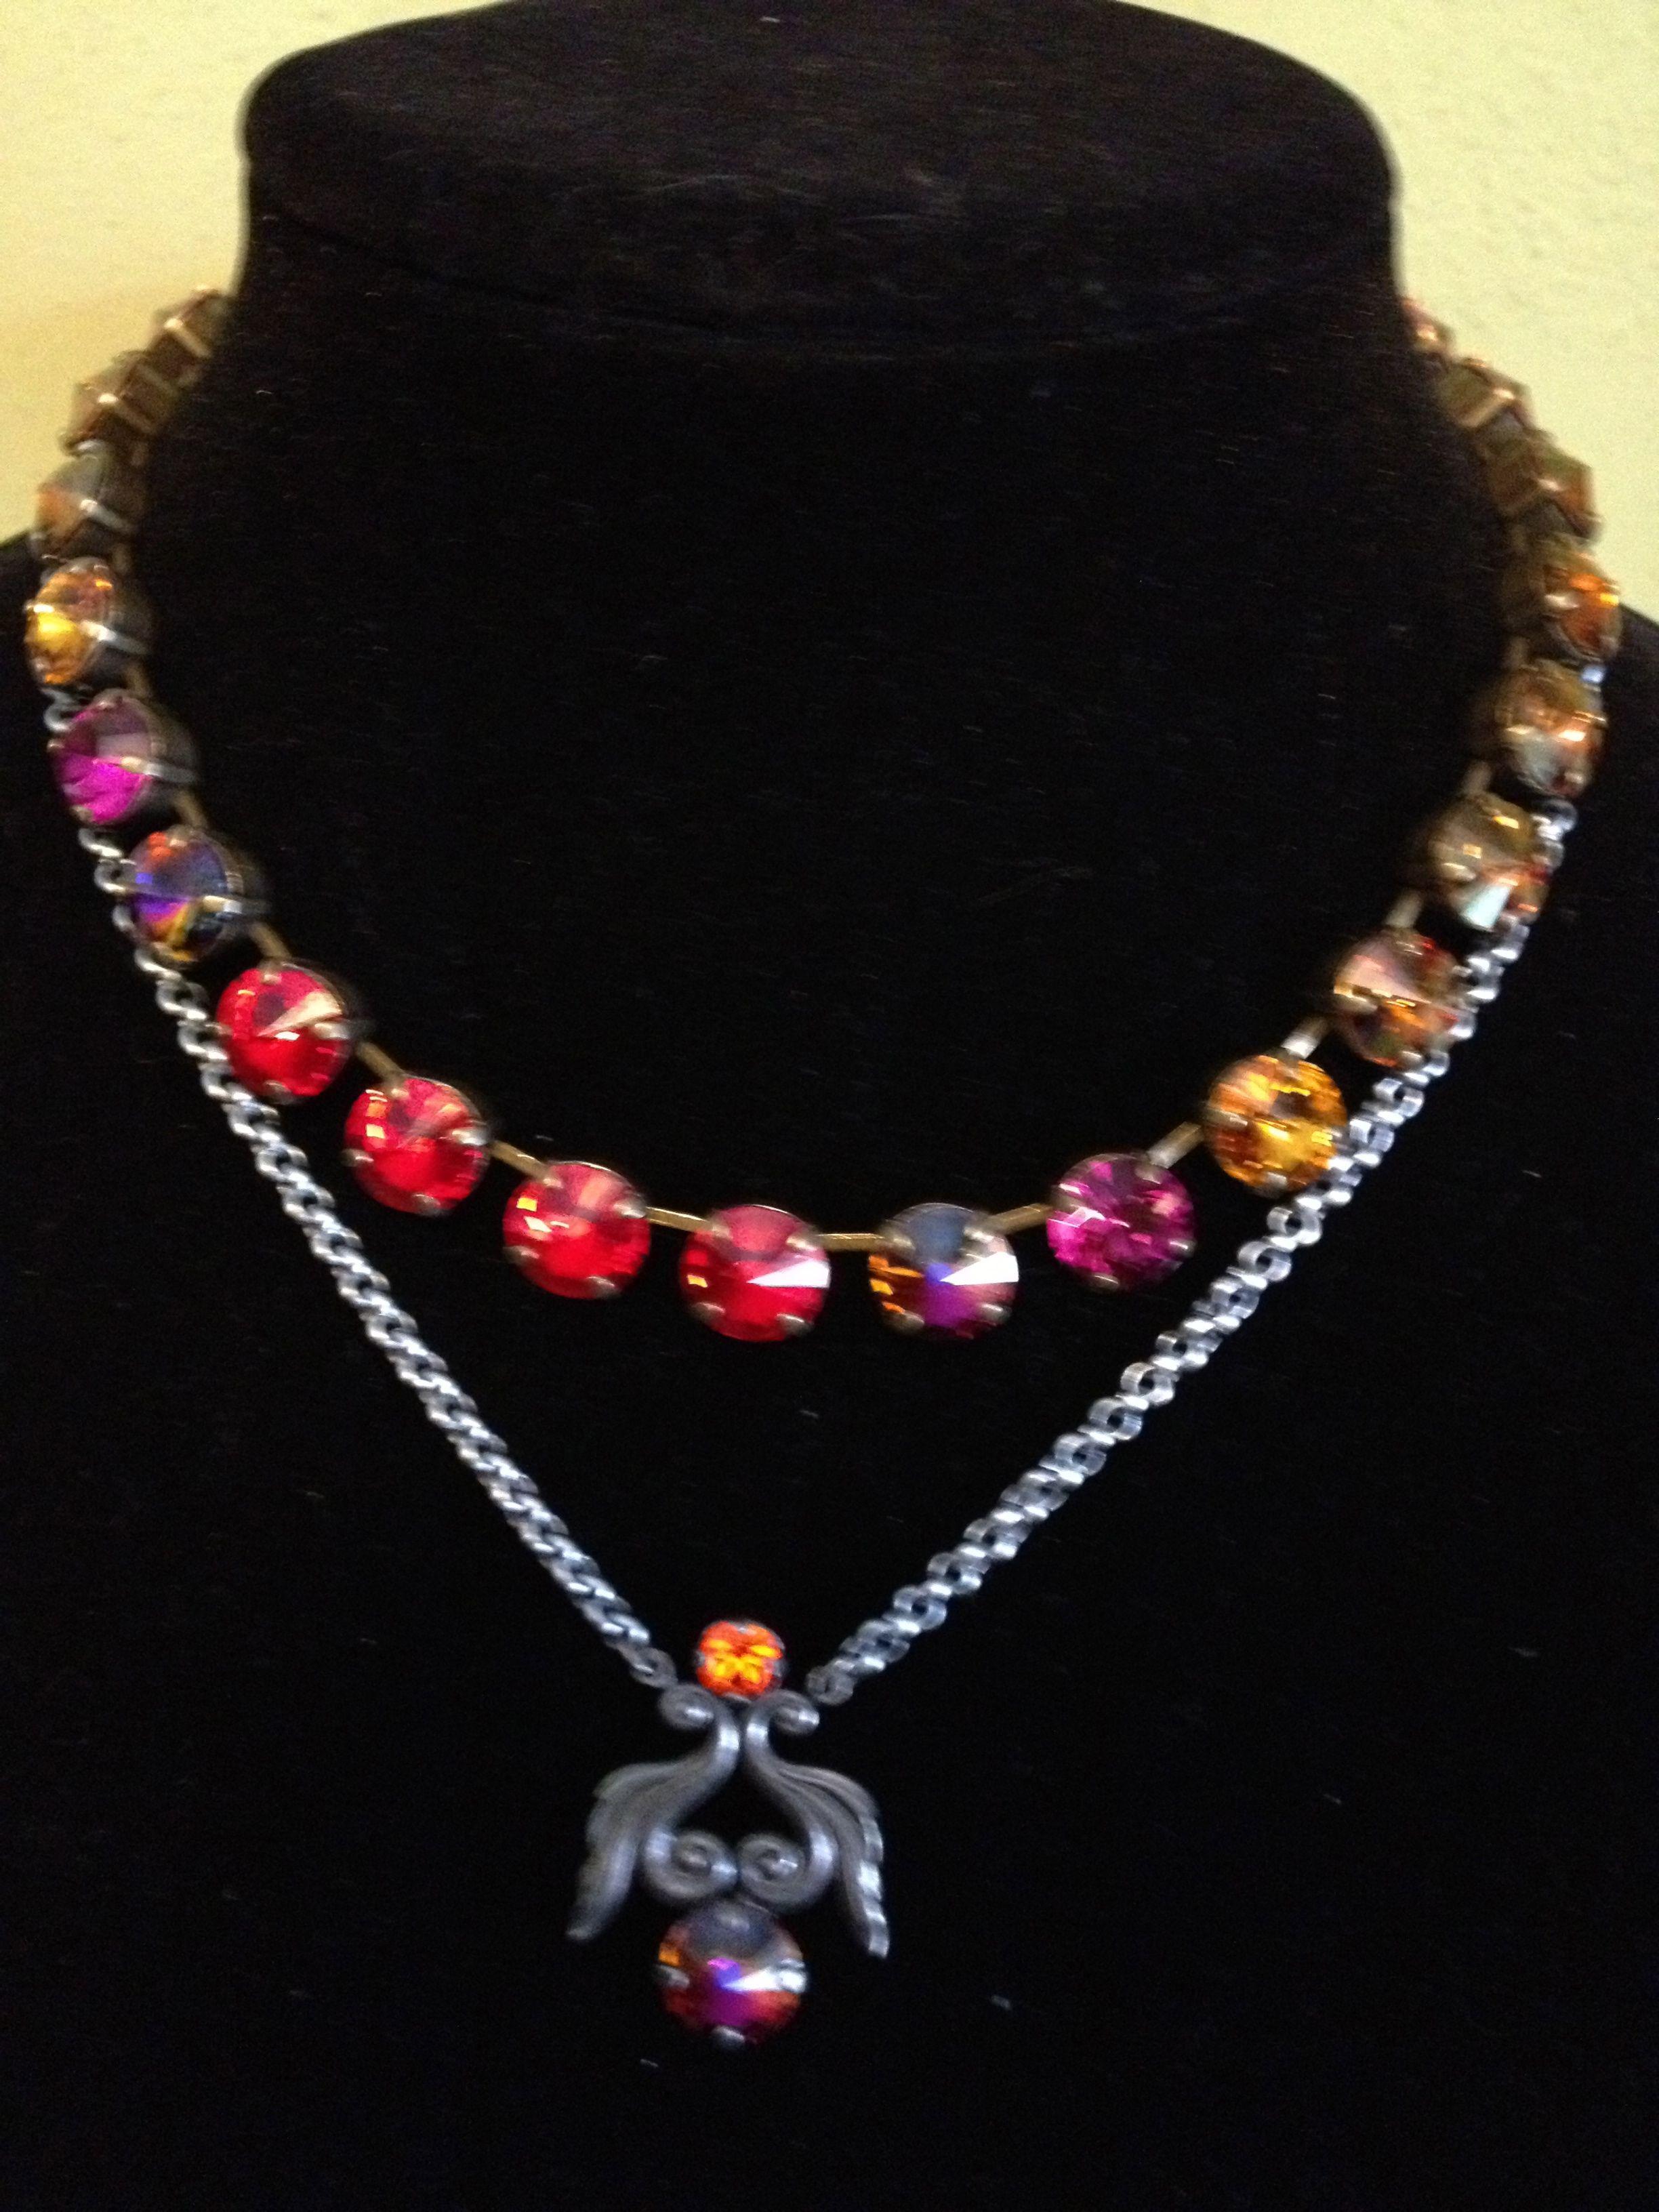 Sabika look necklace - Sabika W12 Bright Spots Manhattan S13 Vintage Modern Intuition Necklace Karen Freier